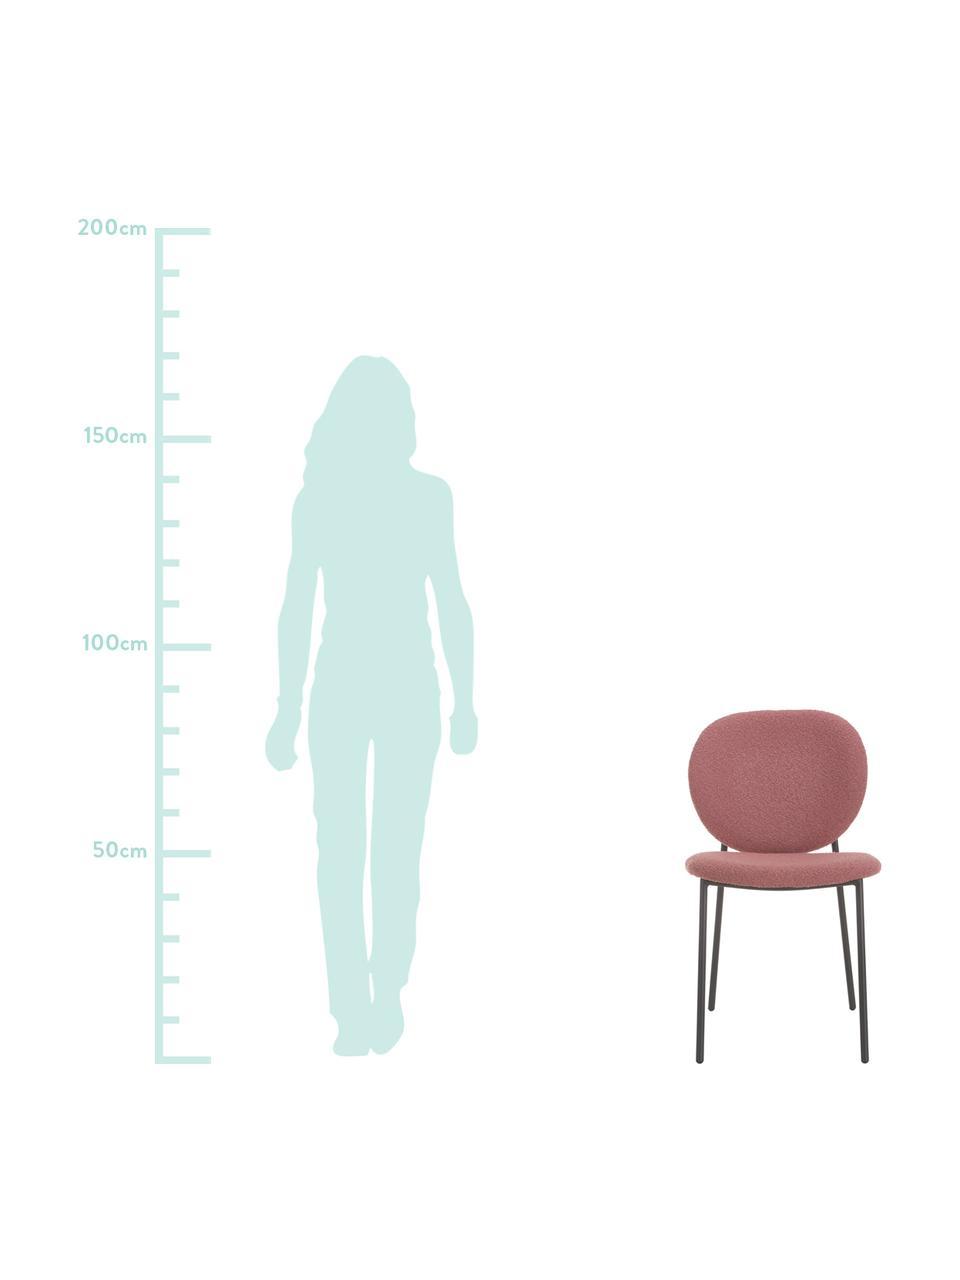 Krzesło tapicerowane bouclé Ulrica, 2 szt., Tapicerka: poliester Dzięki tkaninie, Nogi: metal malowany proszkowo, Blady różowy, S 47 x G 61 cm